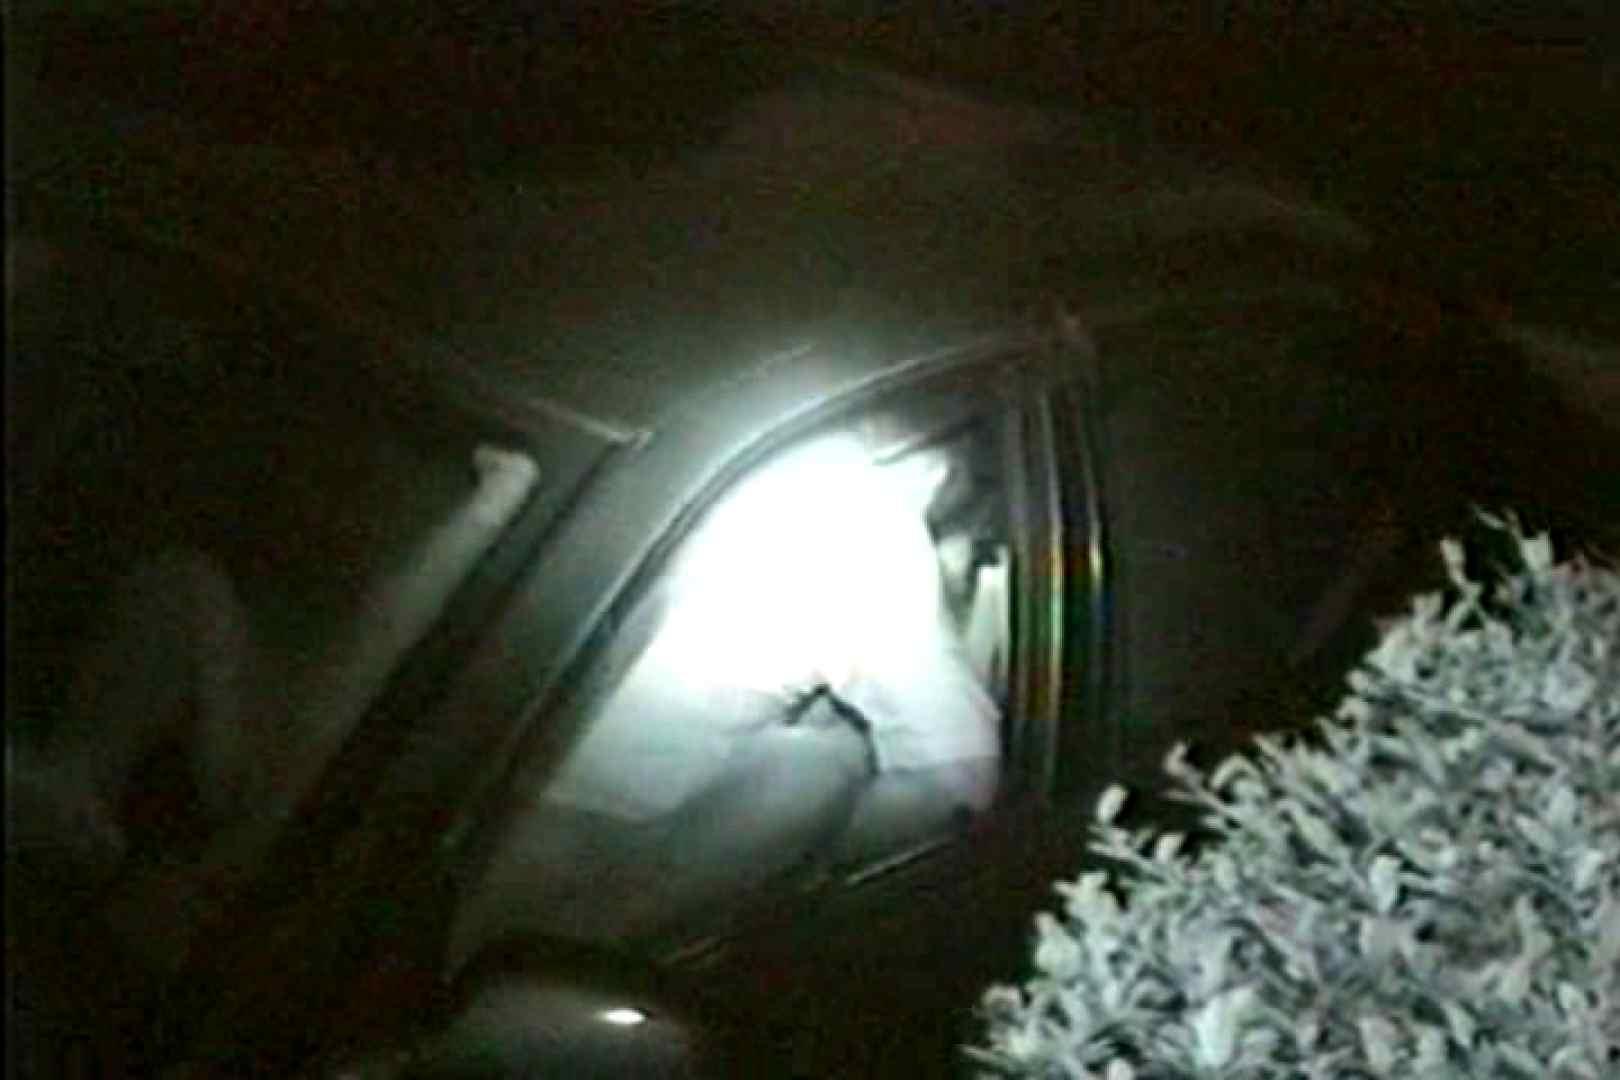 車の中はラブホテル 無修正版  Vol.6 赤外線 盗撮動画紹介 104pic 69